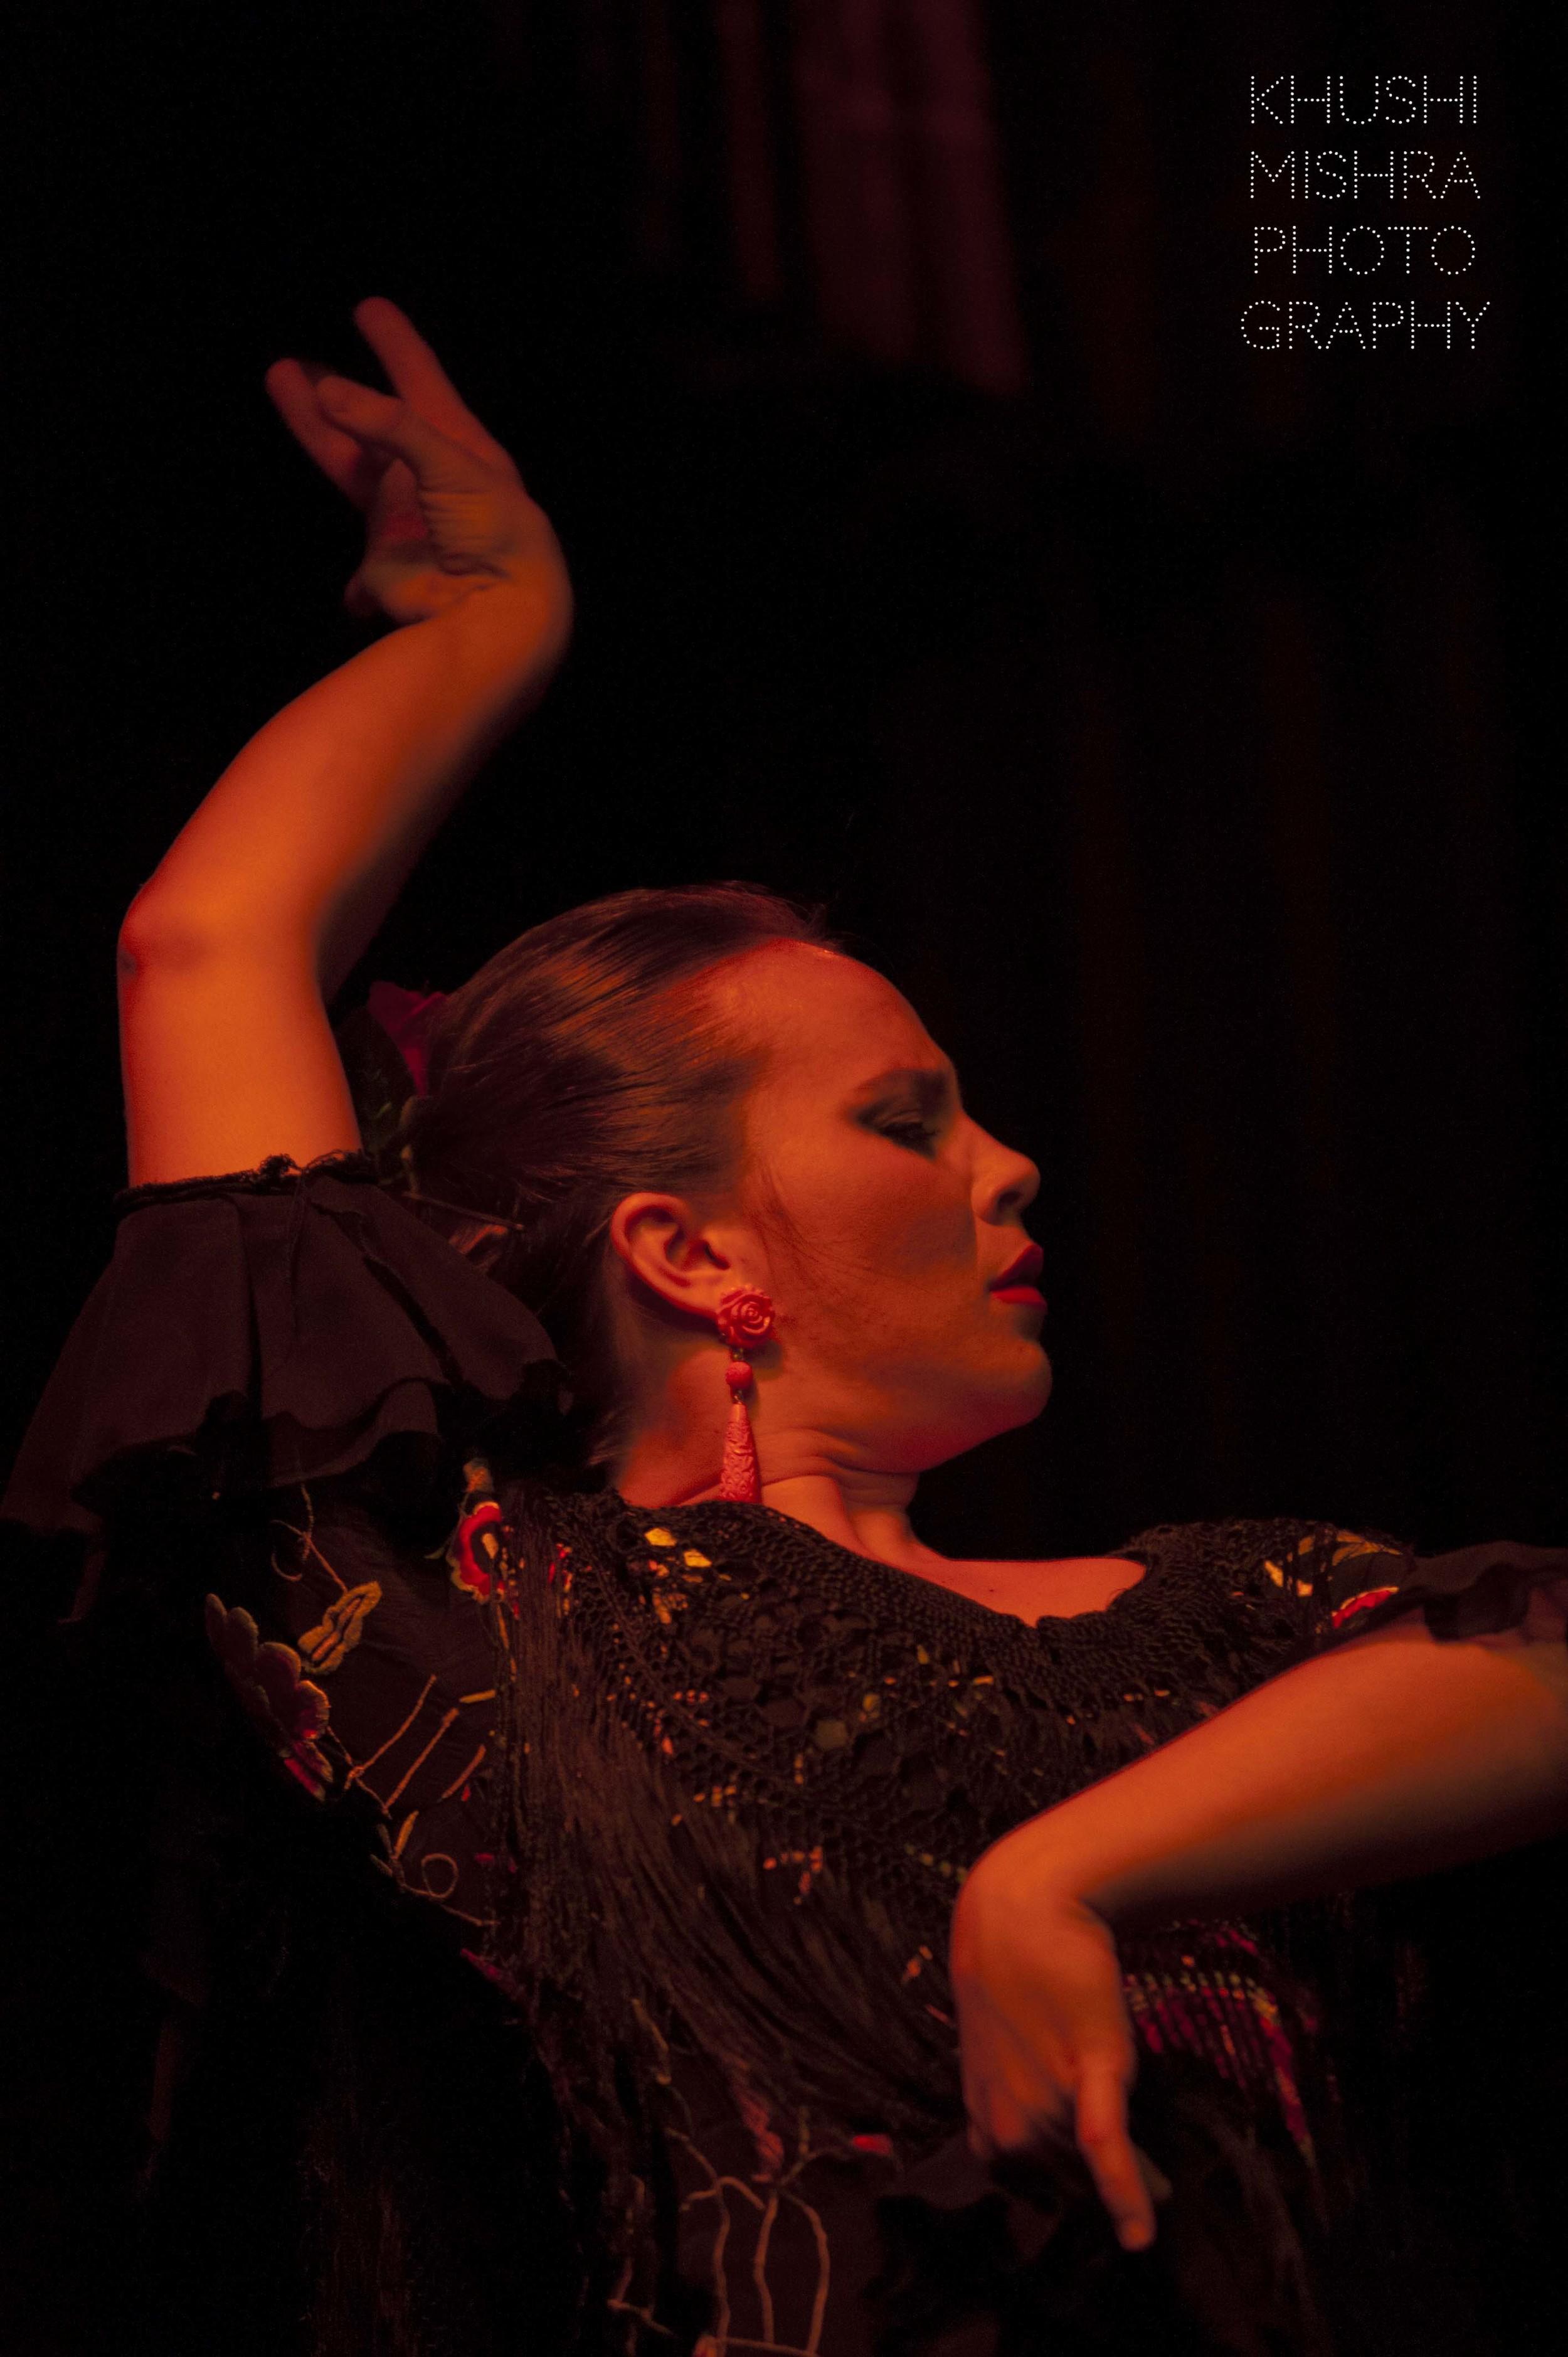 Flamenco_dsc_8033 copy.jpg